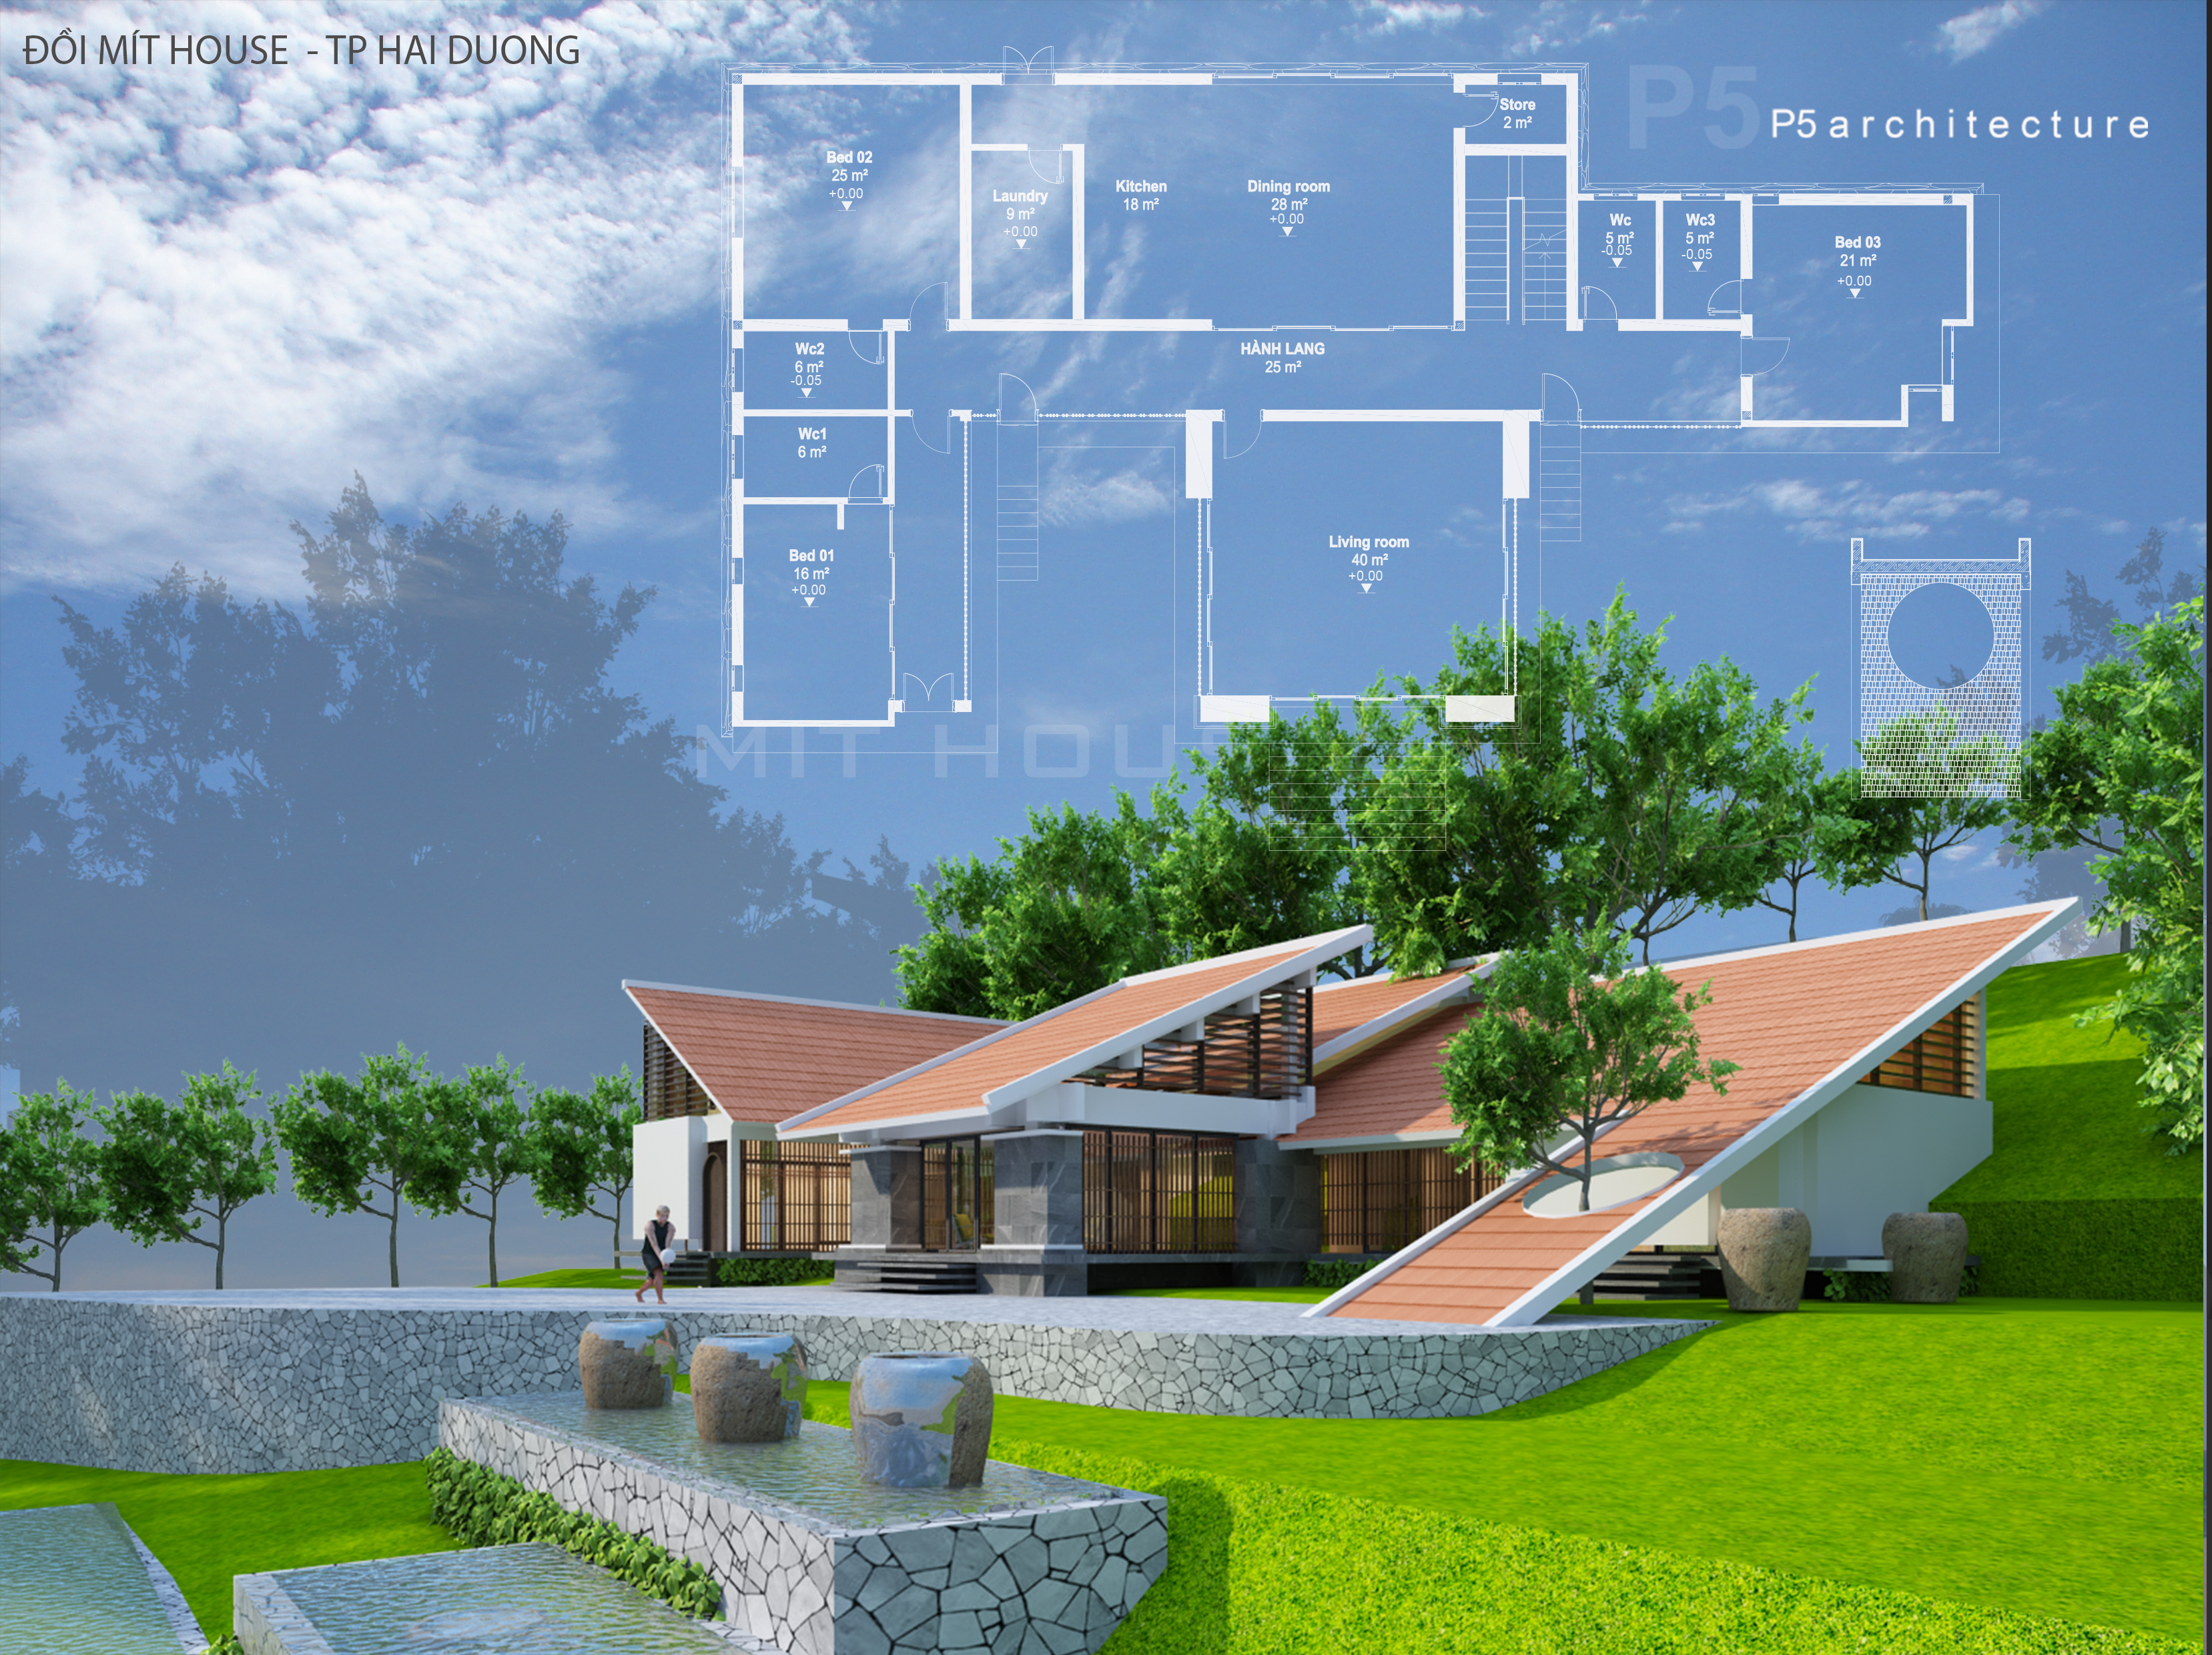 Thiết kế Nhà tại Hải Dương MIT HOUSE 1592840191 4